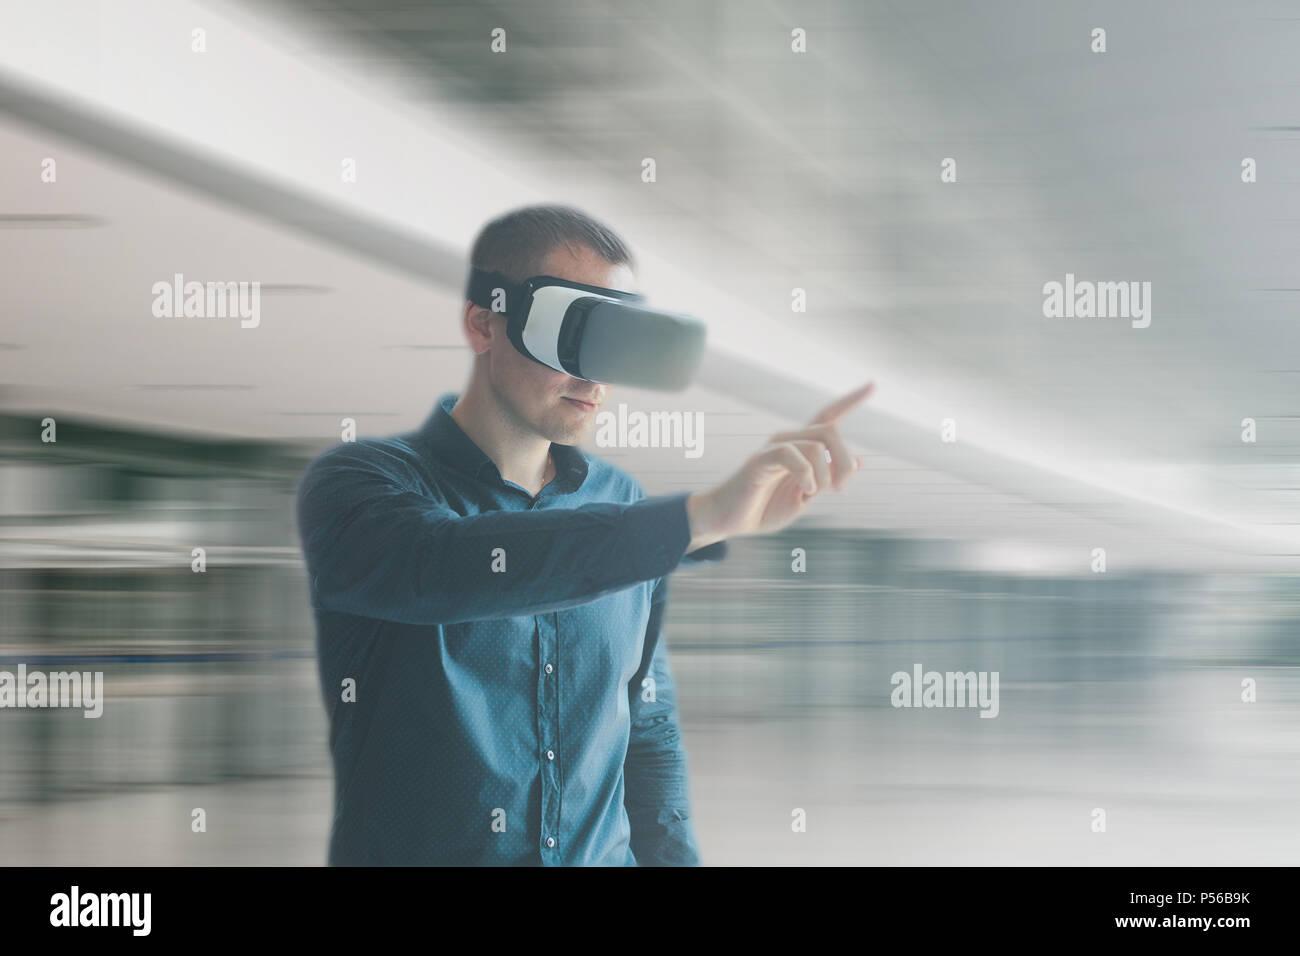 Un hombre en gafas de realidad virtual. La tecnología del presente y el futuro Imagen De Stock